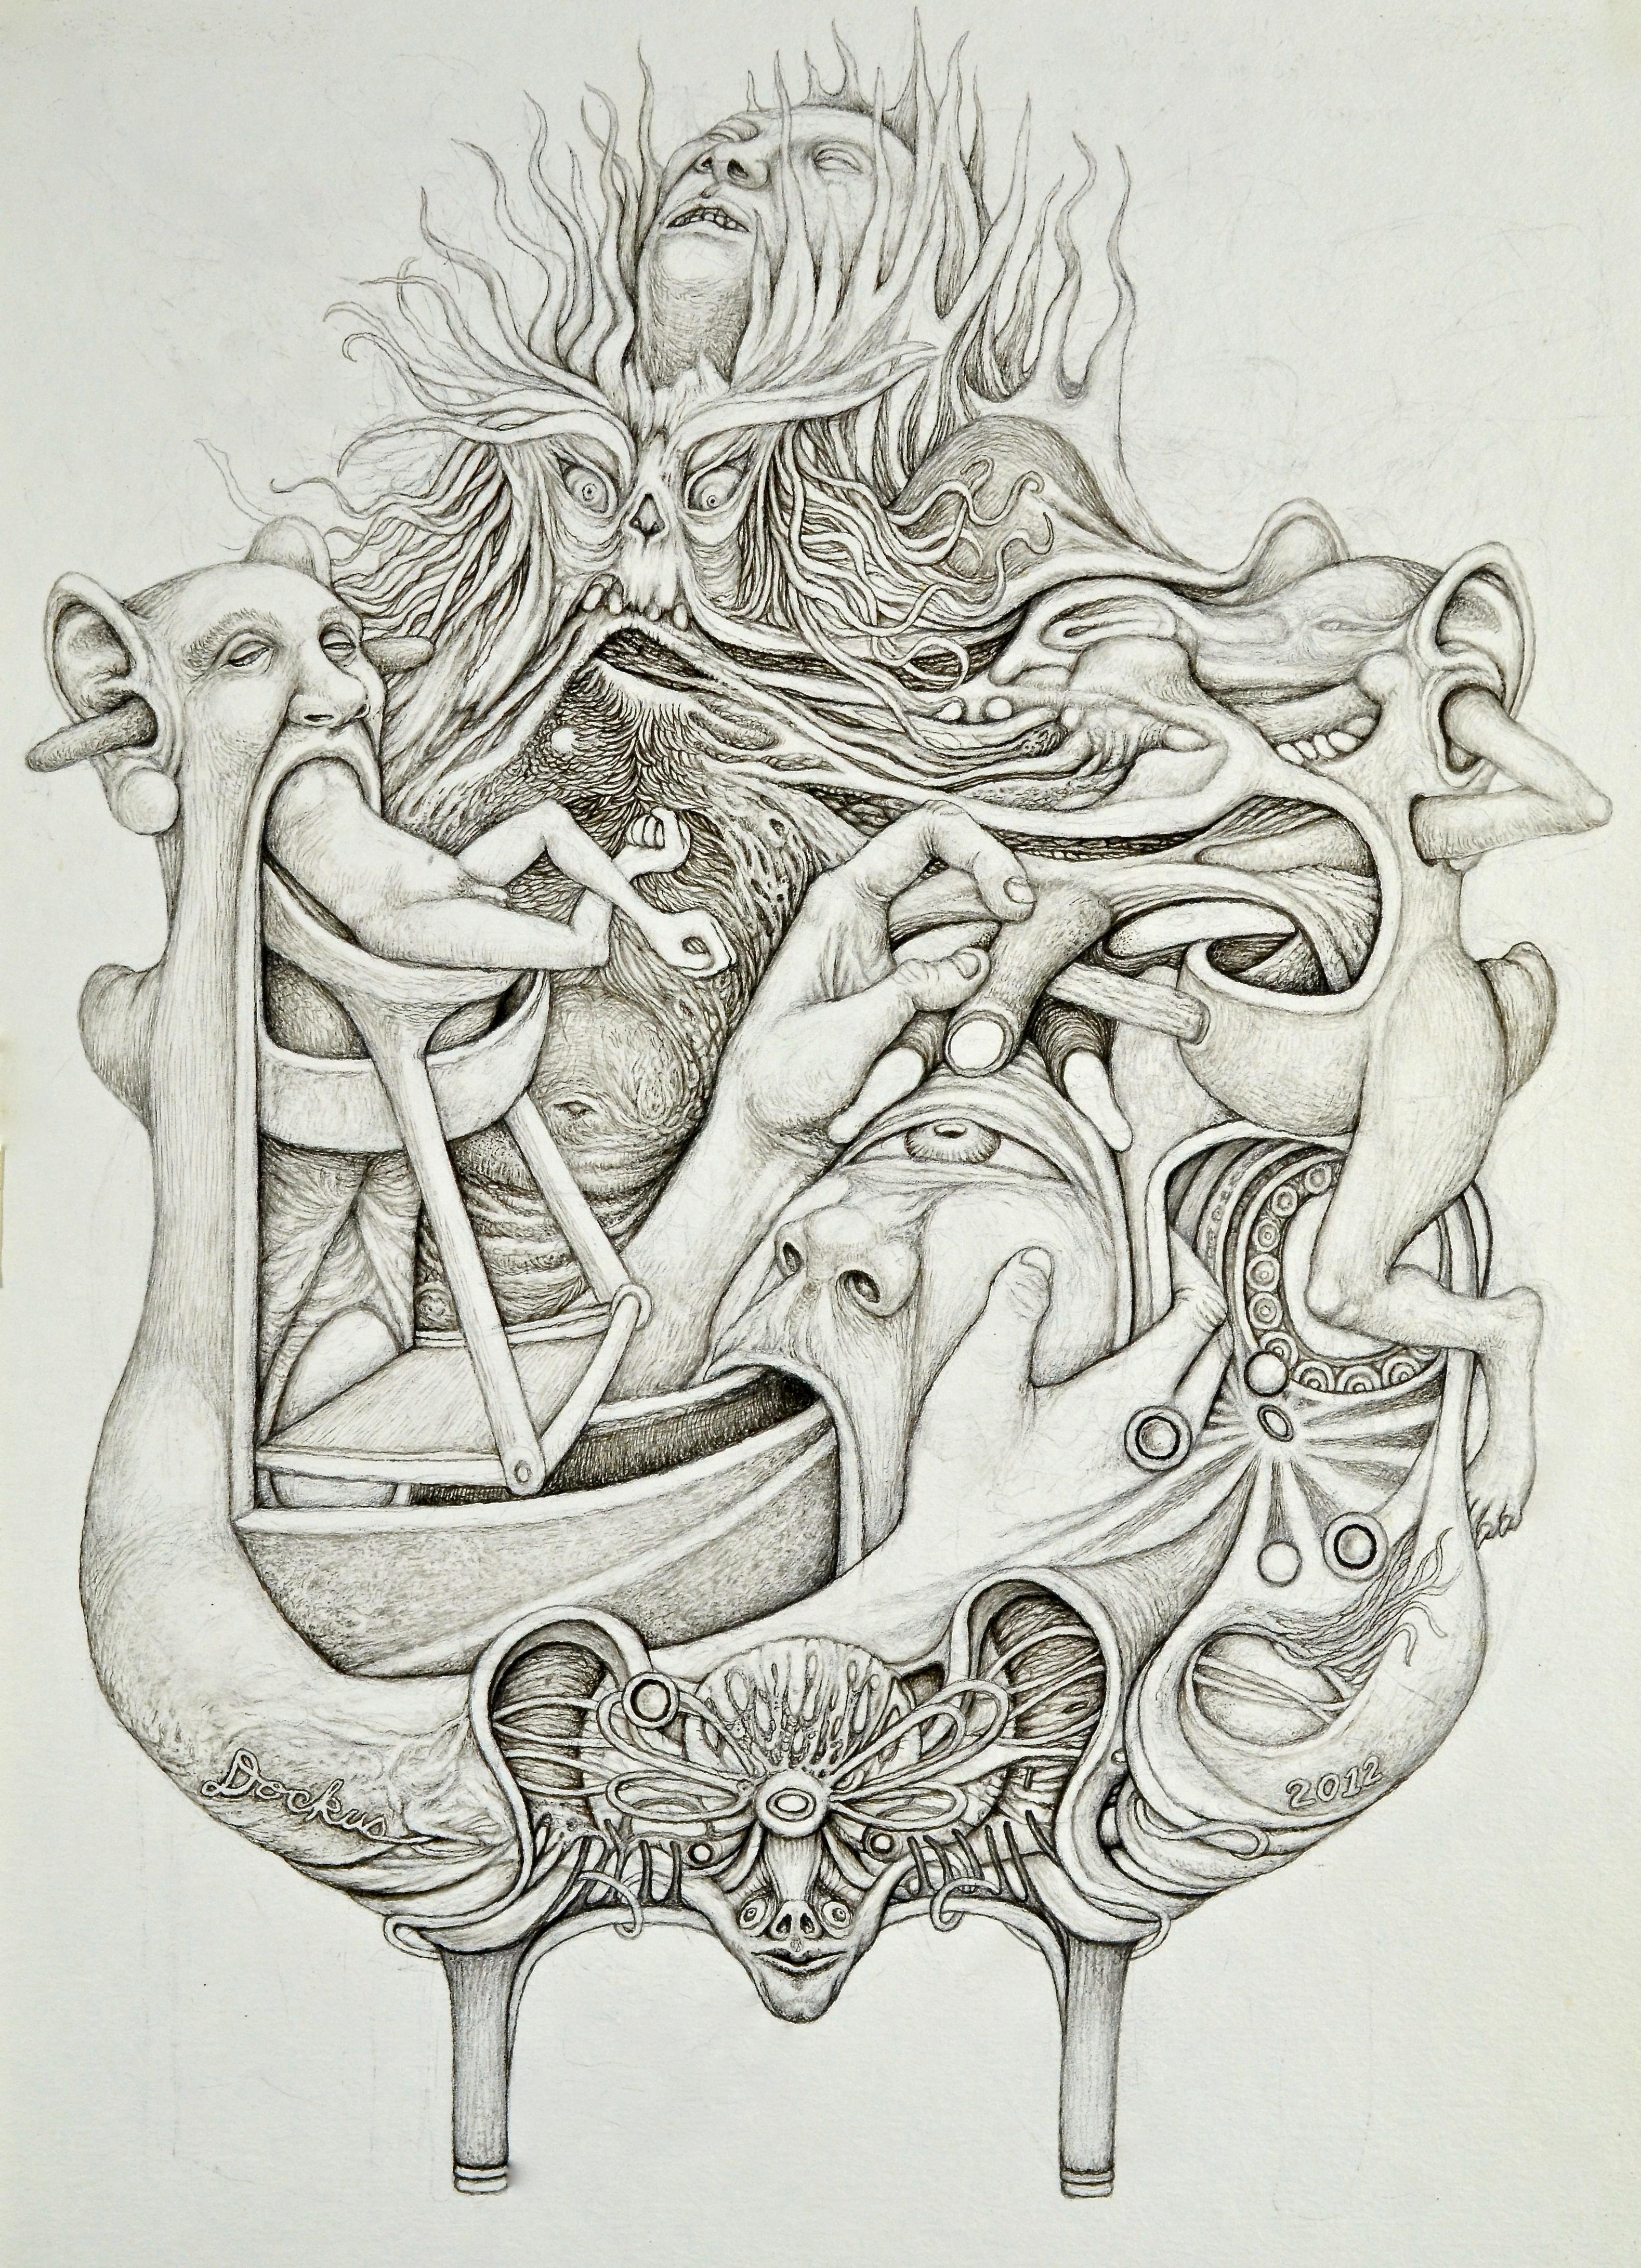 3157x4364 Metamorphic Heraldry The Art Of John Dockus